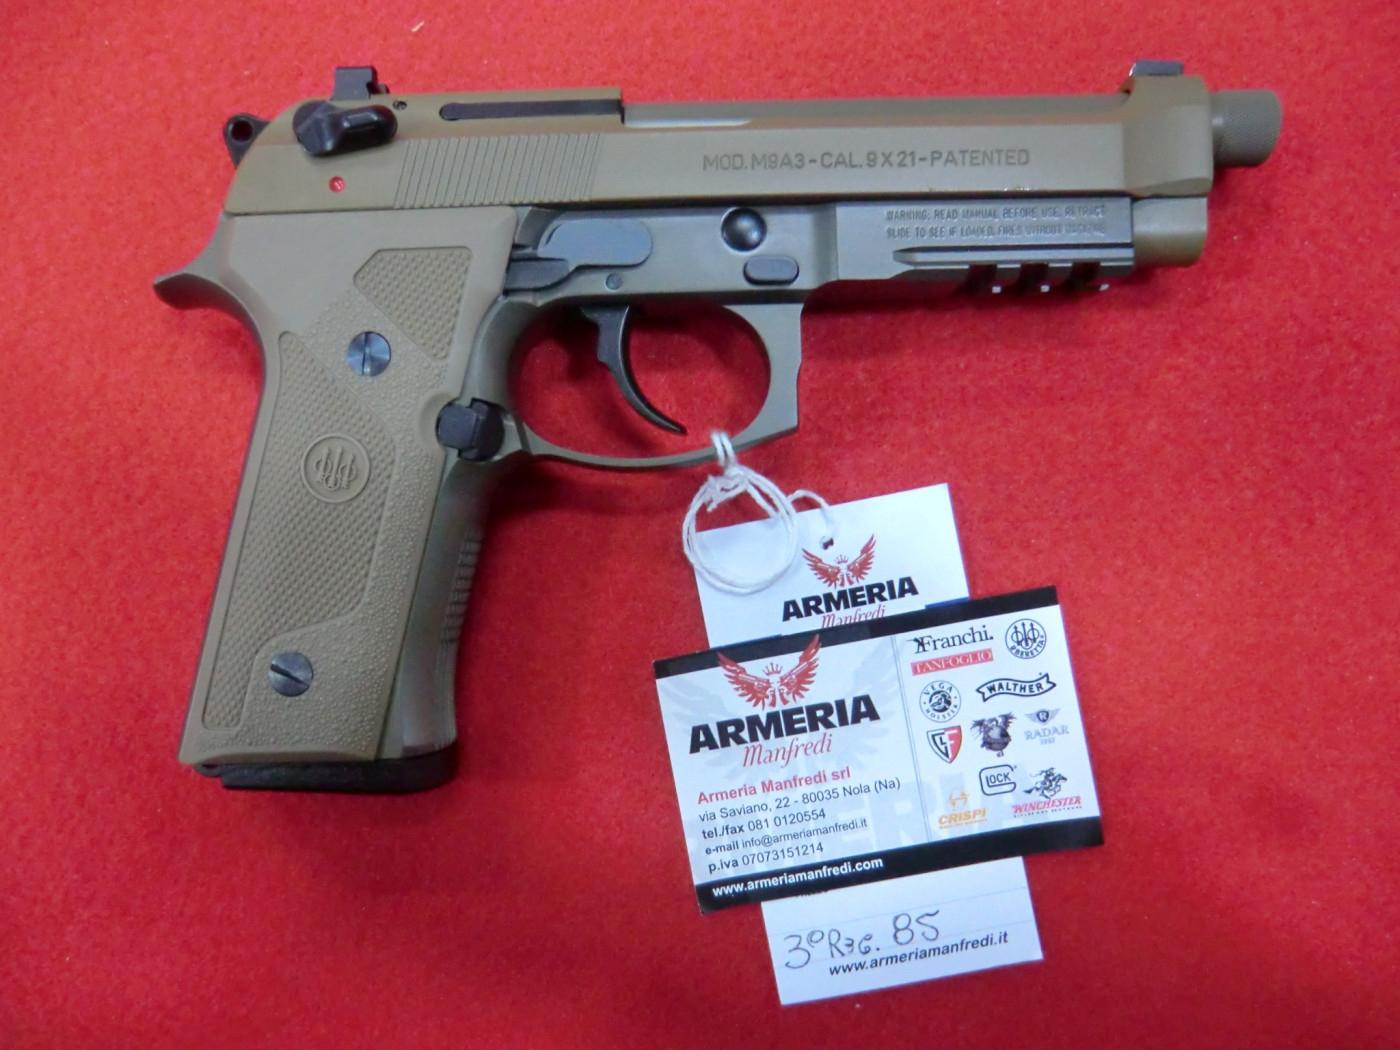 BERETTA modello M9 A3 calibro 9X21